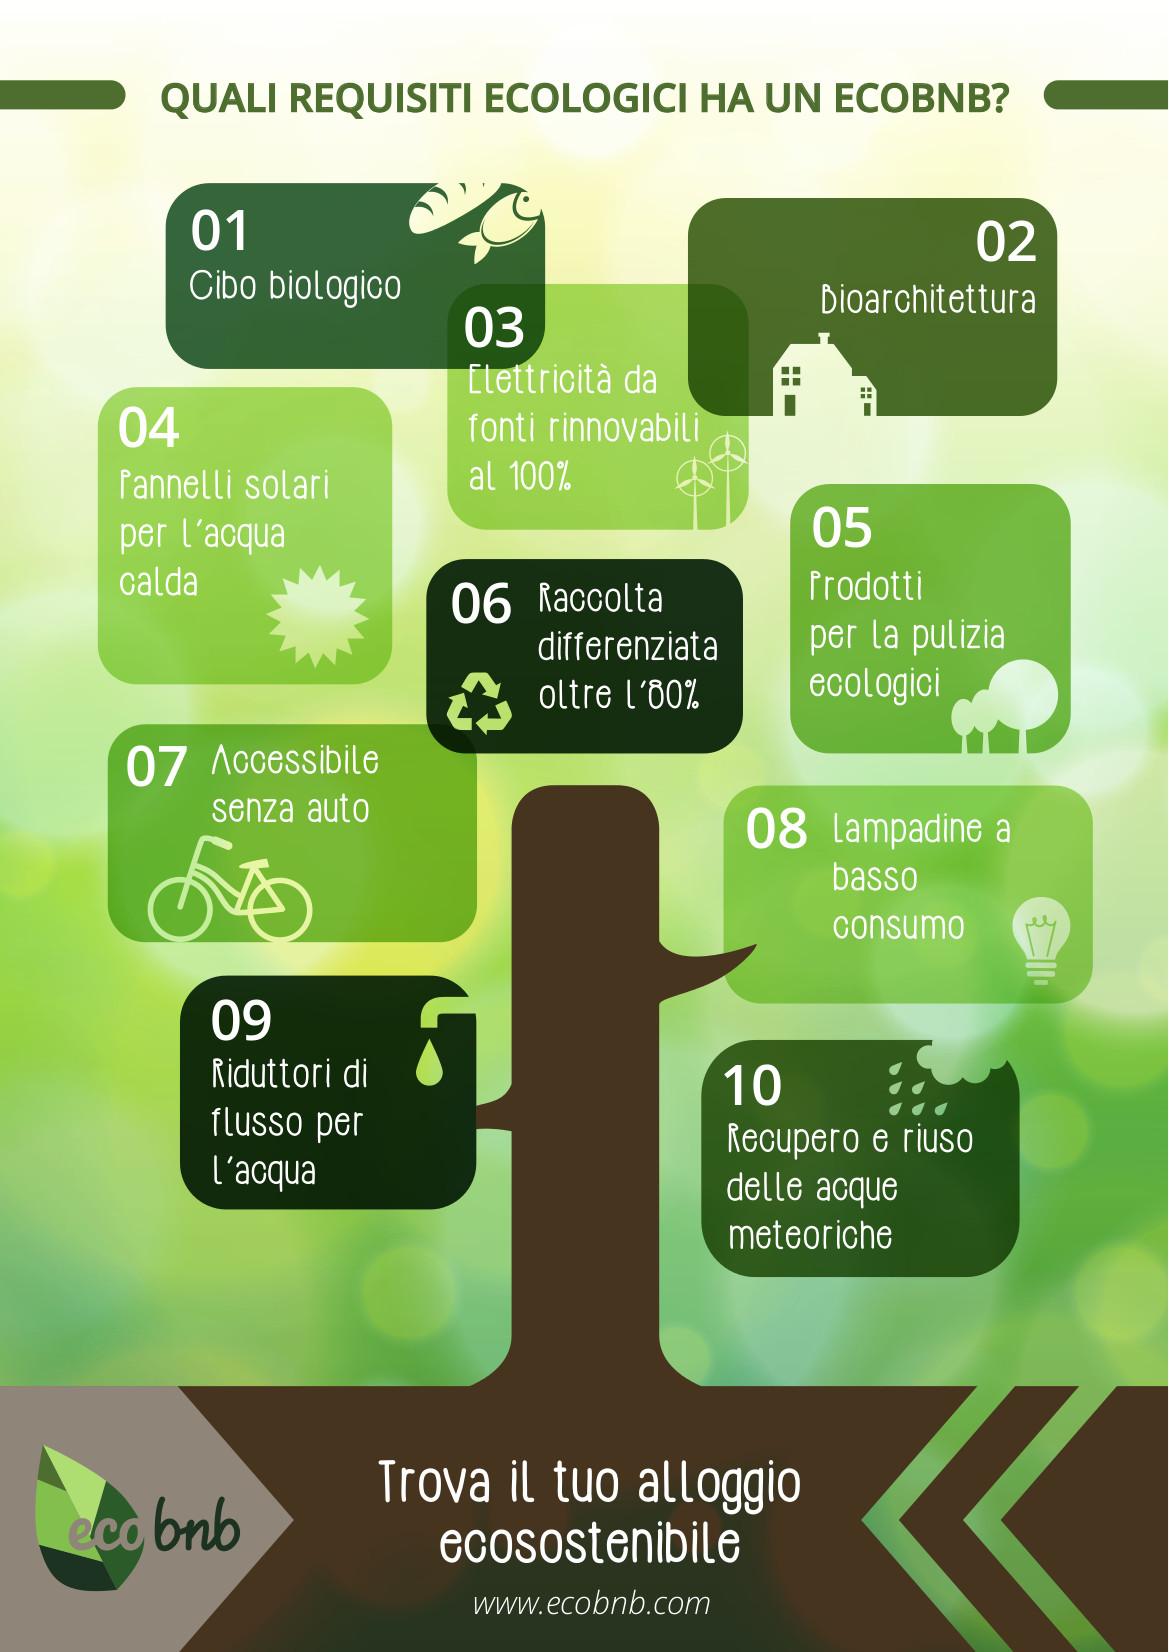 Requisiti ecologici di un Ecobnb